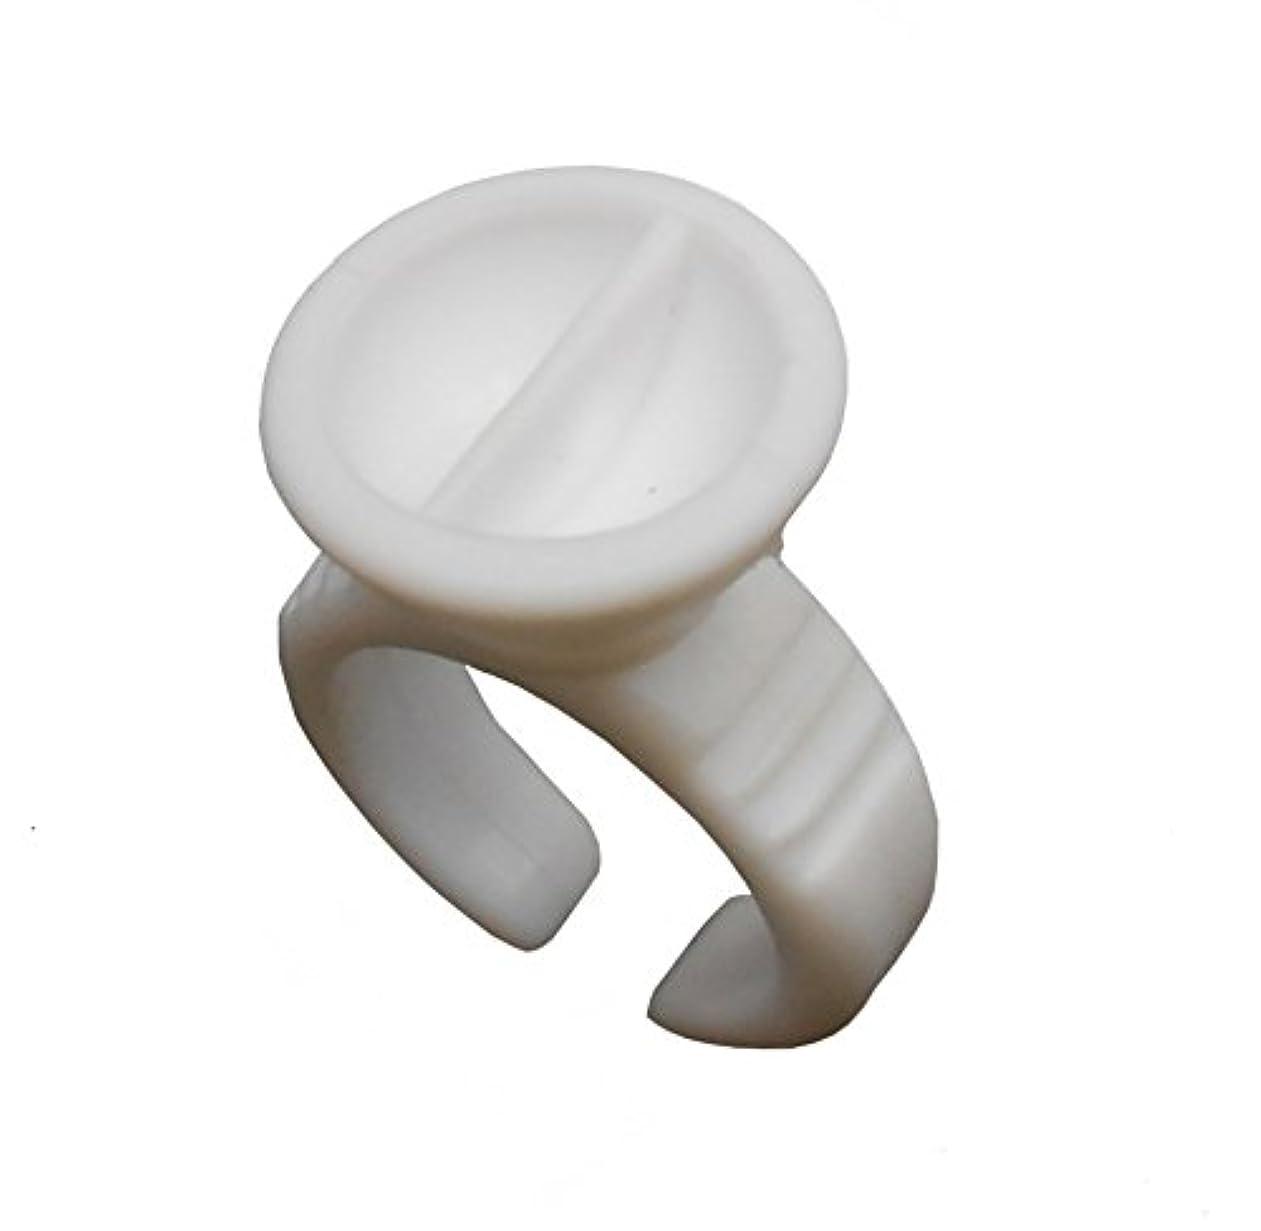 メンタリティ好ましいトレードまつげエクステ リング まつ毛エクステ 使い捨て アイラッシュ グルーリング プラスチック製 Eyelash Extension Glue Ring   100個入り gring_a_100